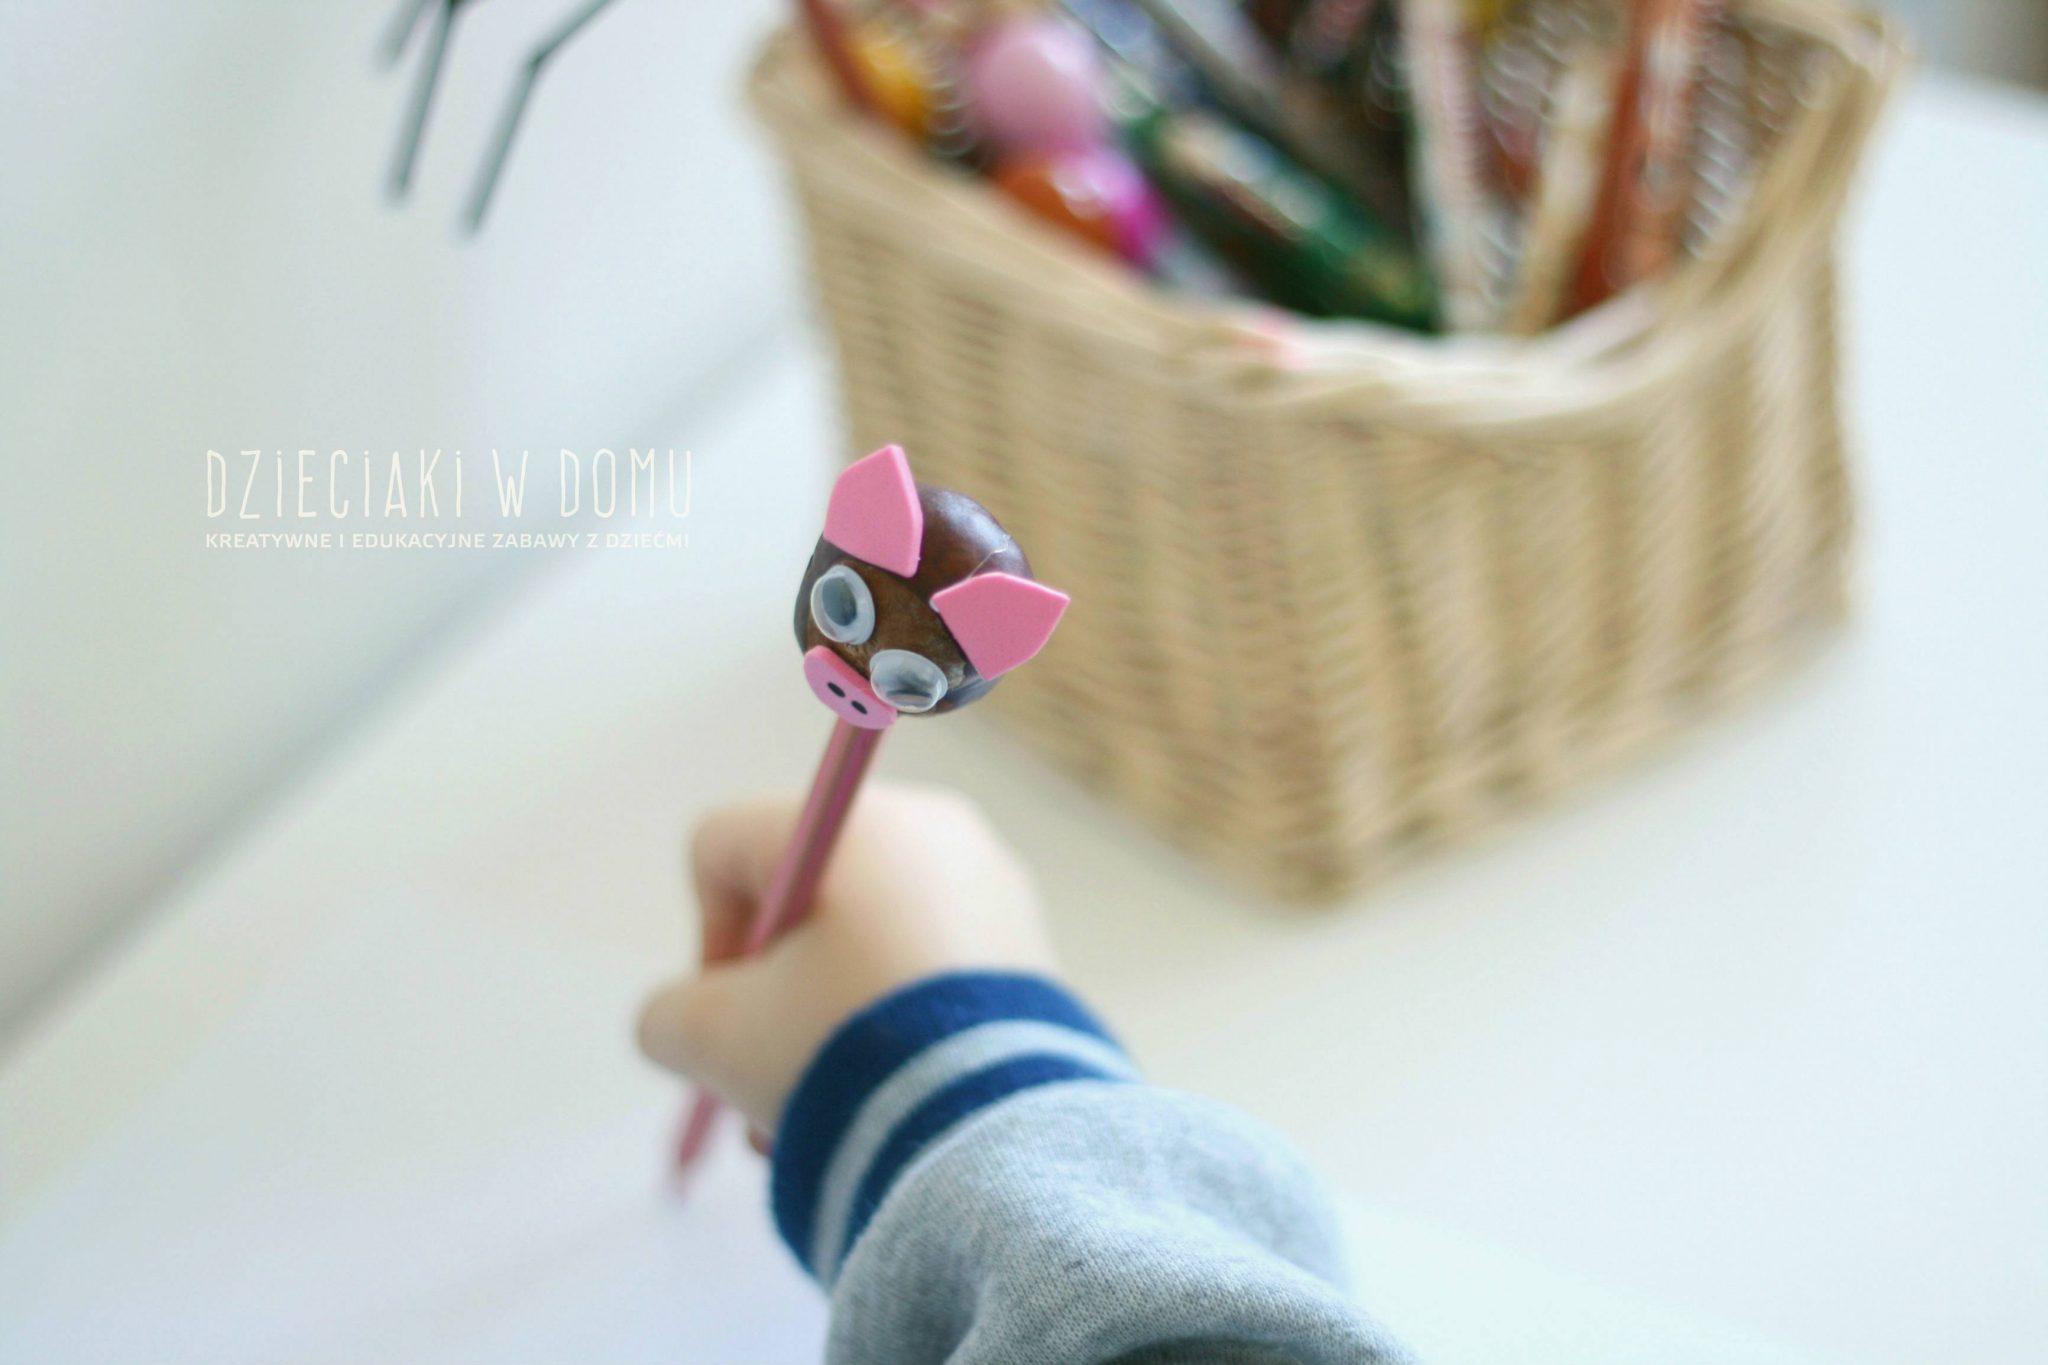 Kasztanowe zwierzątka - kukiełki - praca techniczna dla dzieci